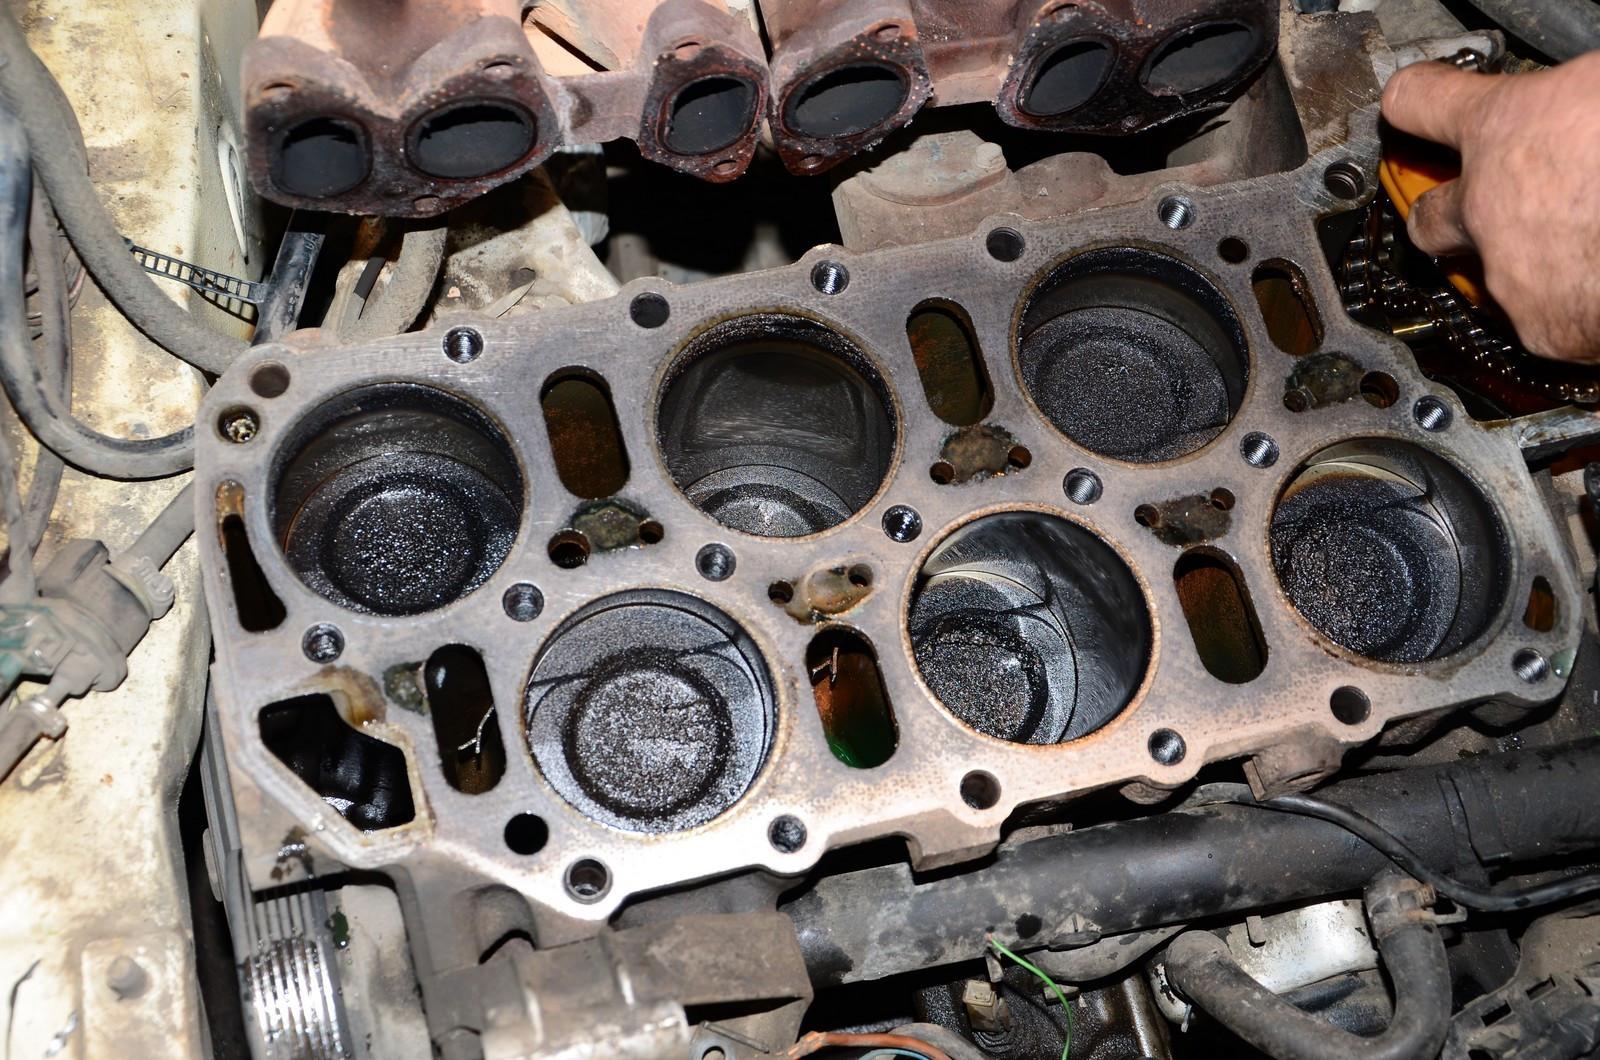 распред валы к вр6 280 174 л с Как нельзя ремонтировать двигатели: разбираем Vr6 после неудачной ...